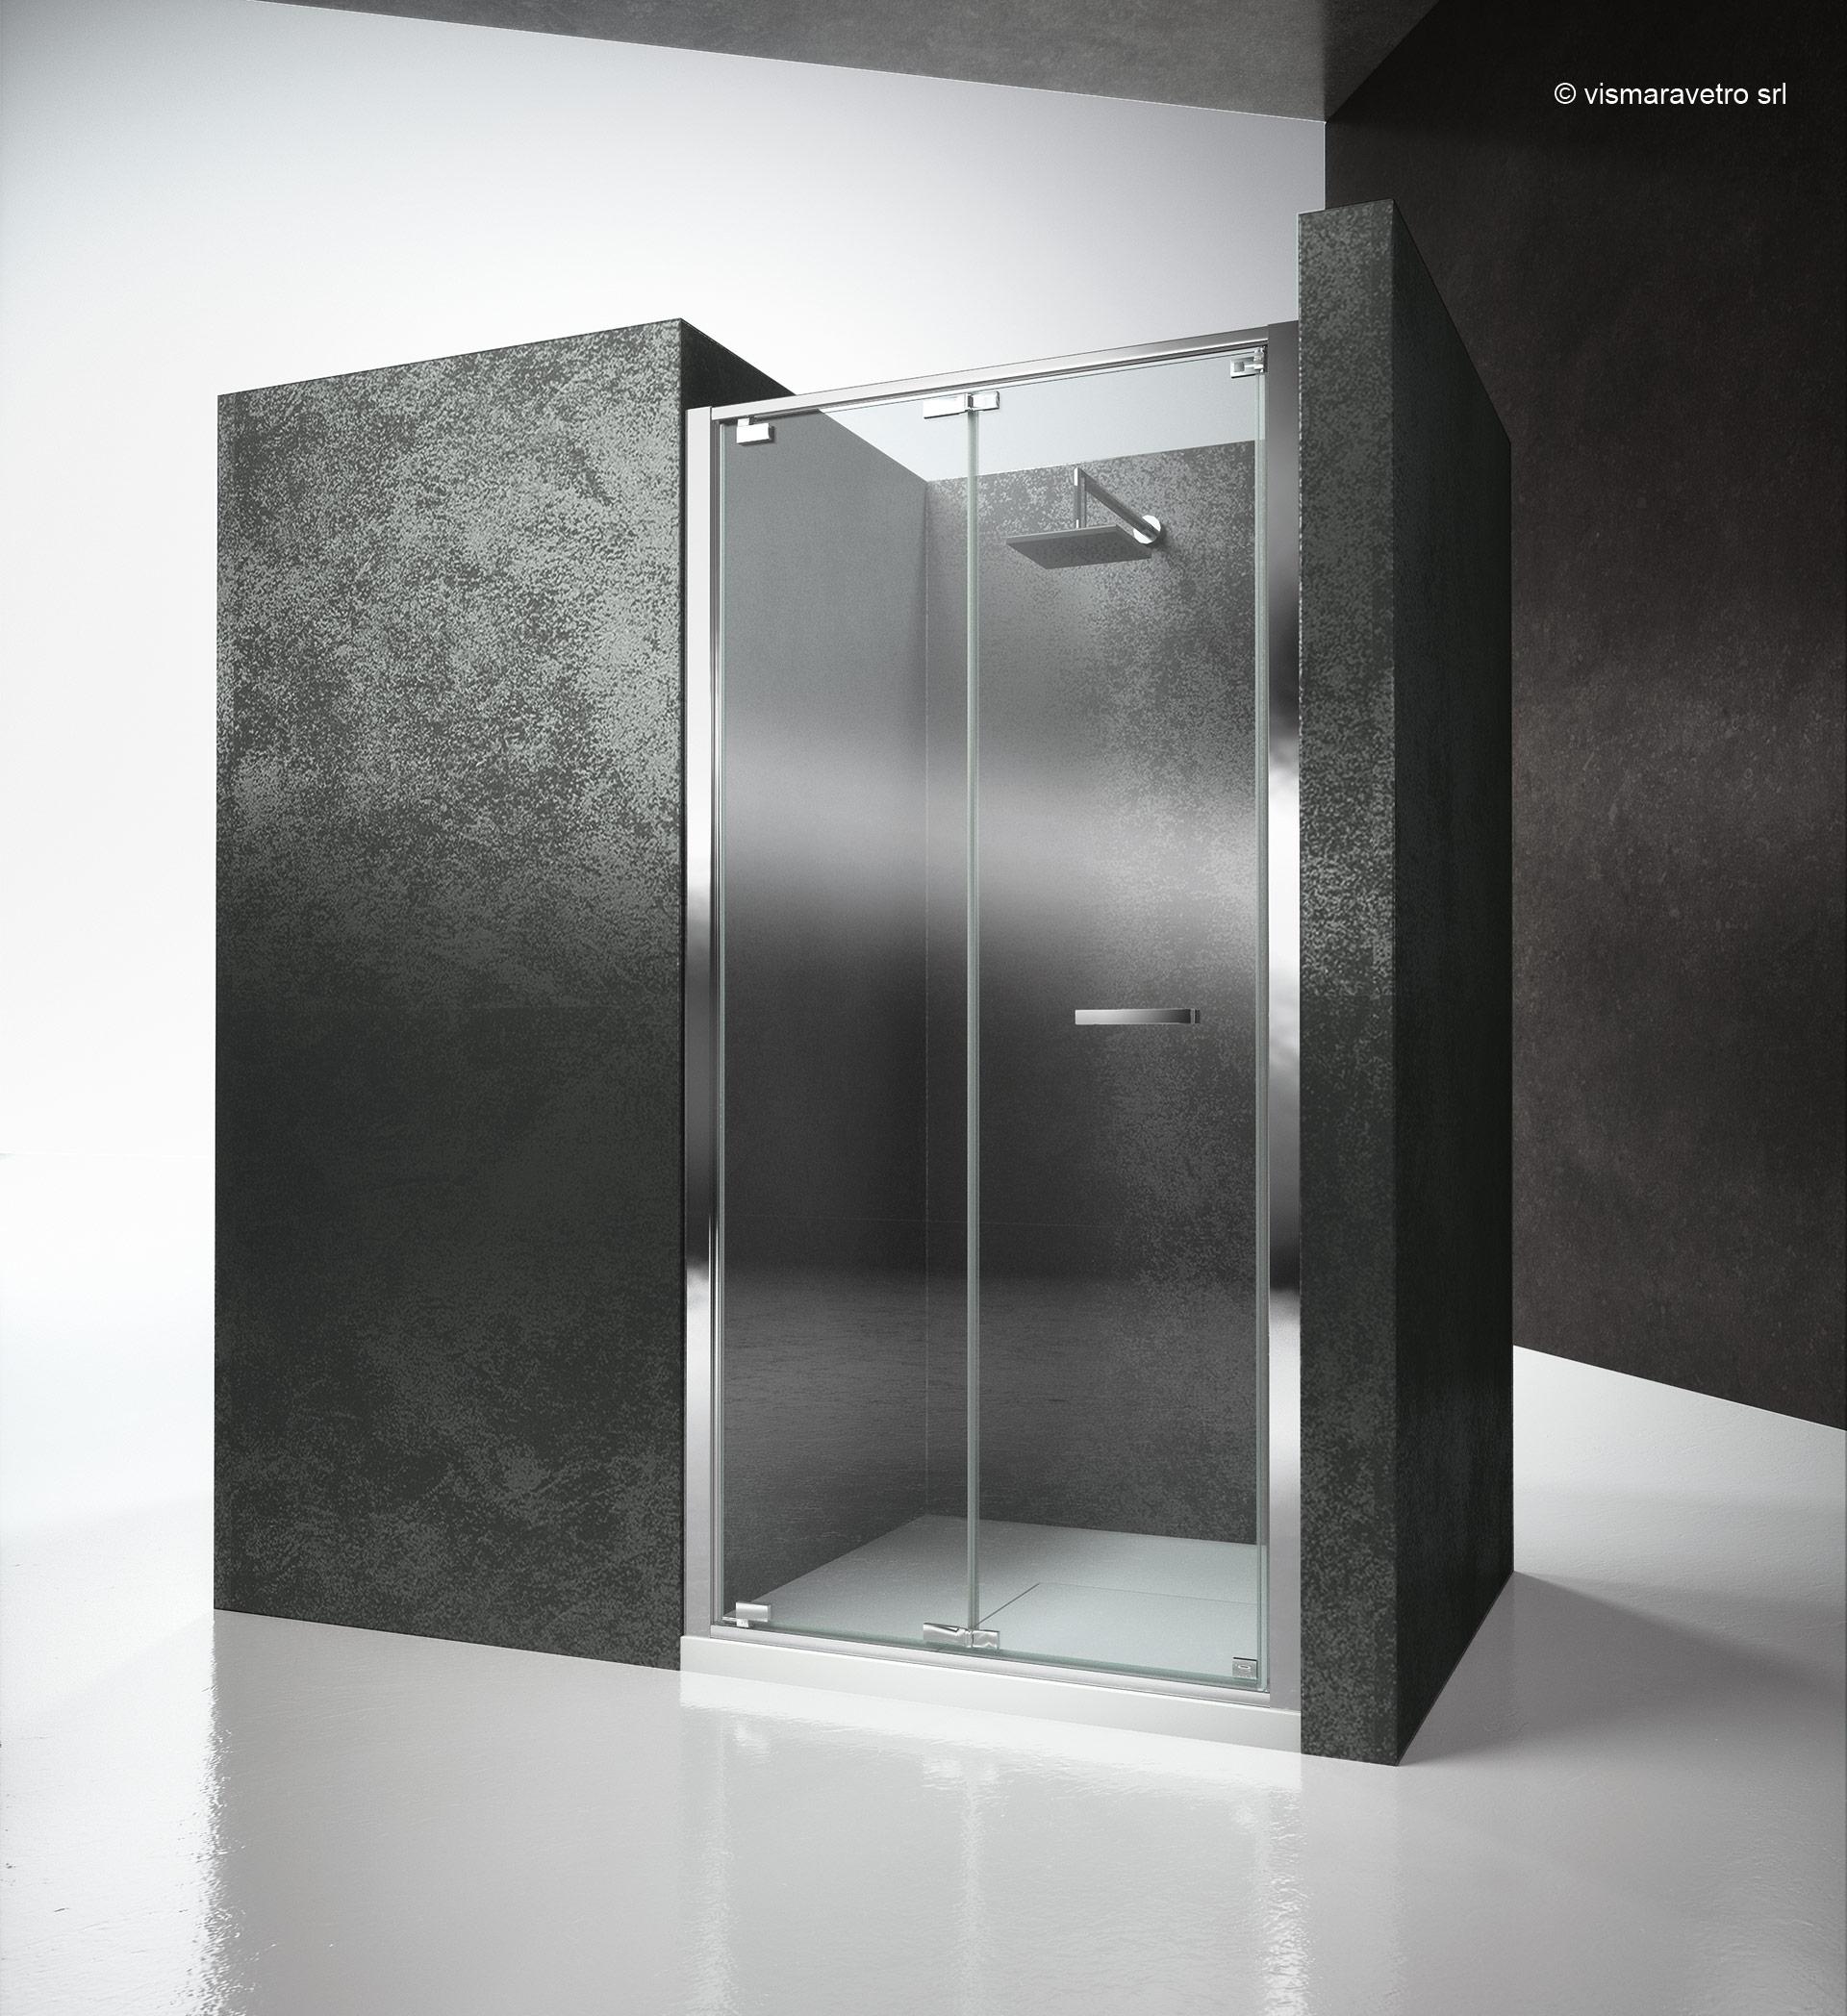 Gn : junior modelli cabine doccia con apertura pieghevole